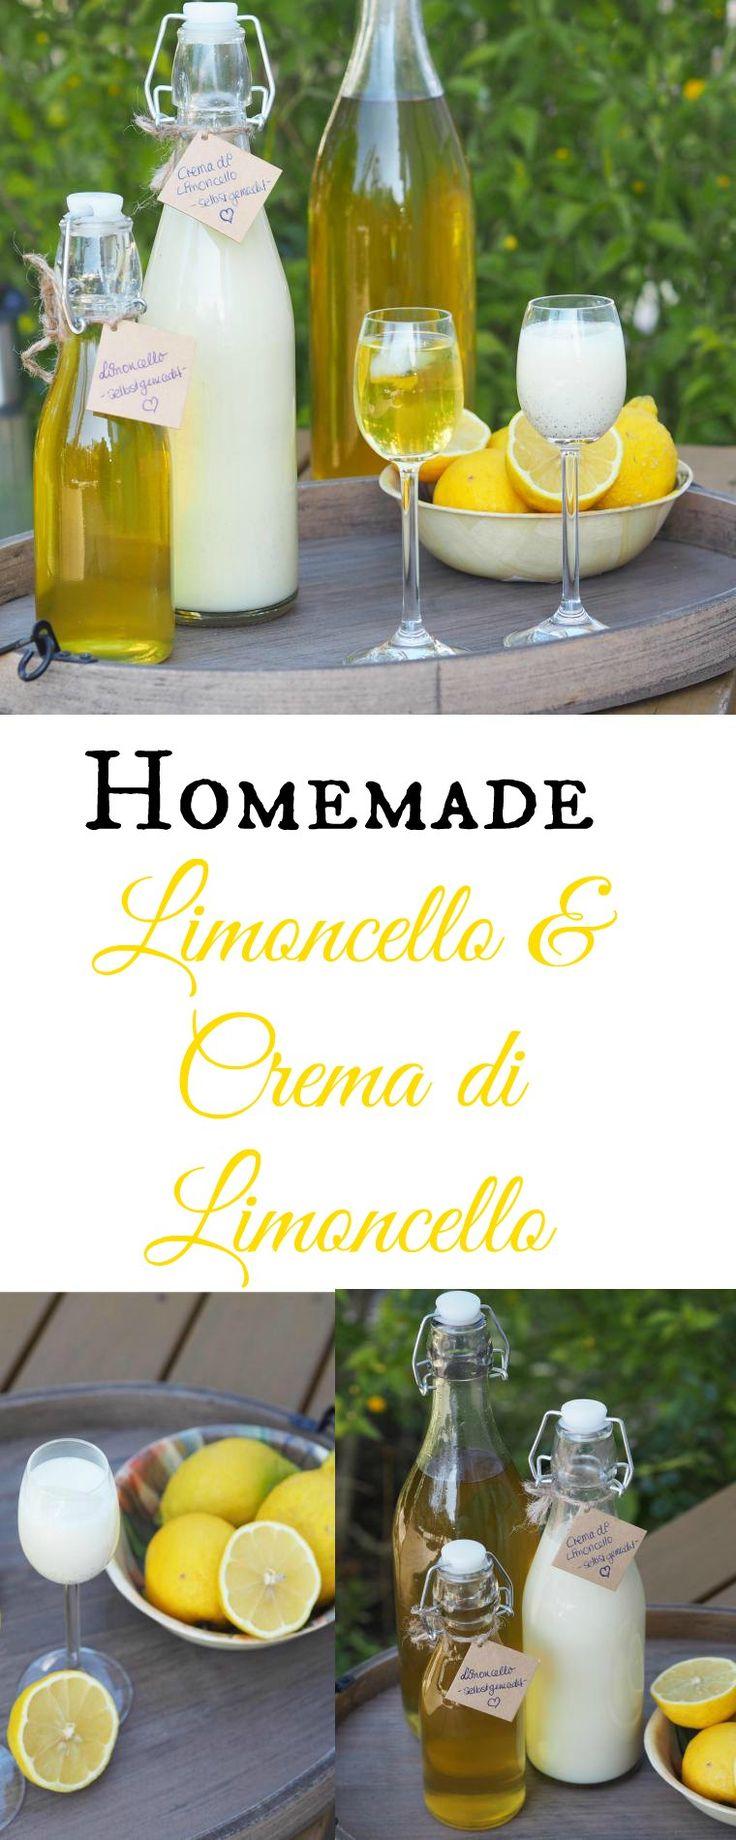 Wenn das Leben dir Zitronen schenkt macht Limonade draus…oder Limoncello & Crema di Limoncello! Habt Ihr schon mal selbstgemachten Limoncello getrunken? Uiii, Limoncello aus leckeren Zitronen schmeckt einfach traumhaft. Oder fast noch leckerer finde ich ja den Crema di Limoncello. Im Thermomix oder im Topf wirklich sehr schnell hergestellt – nur der Ansatz dauert etwas.